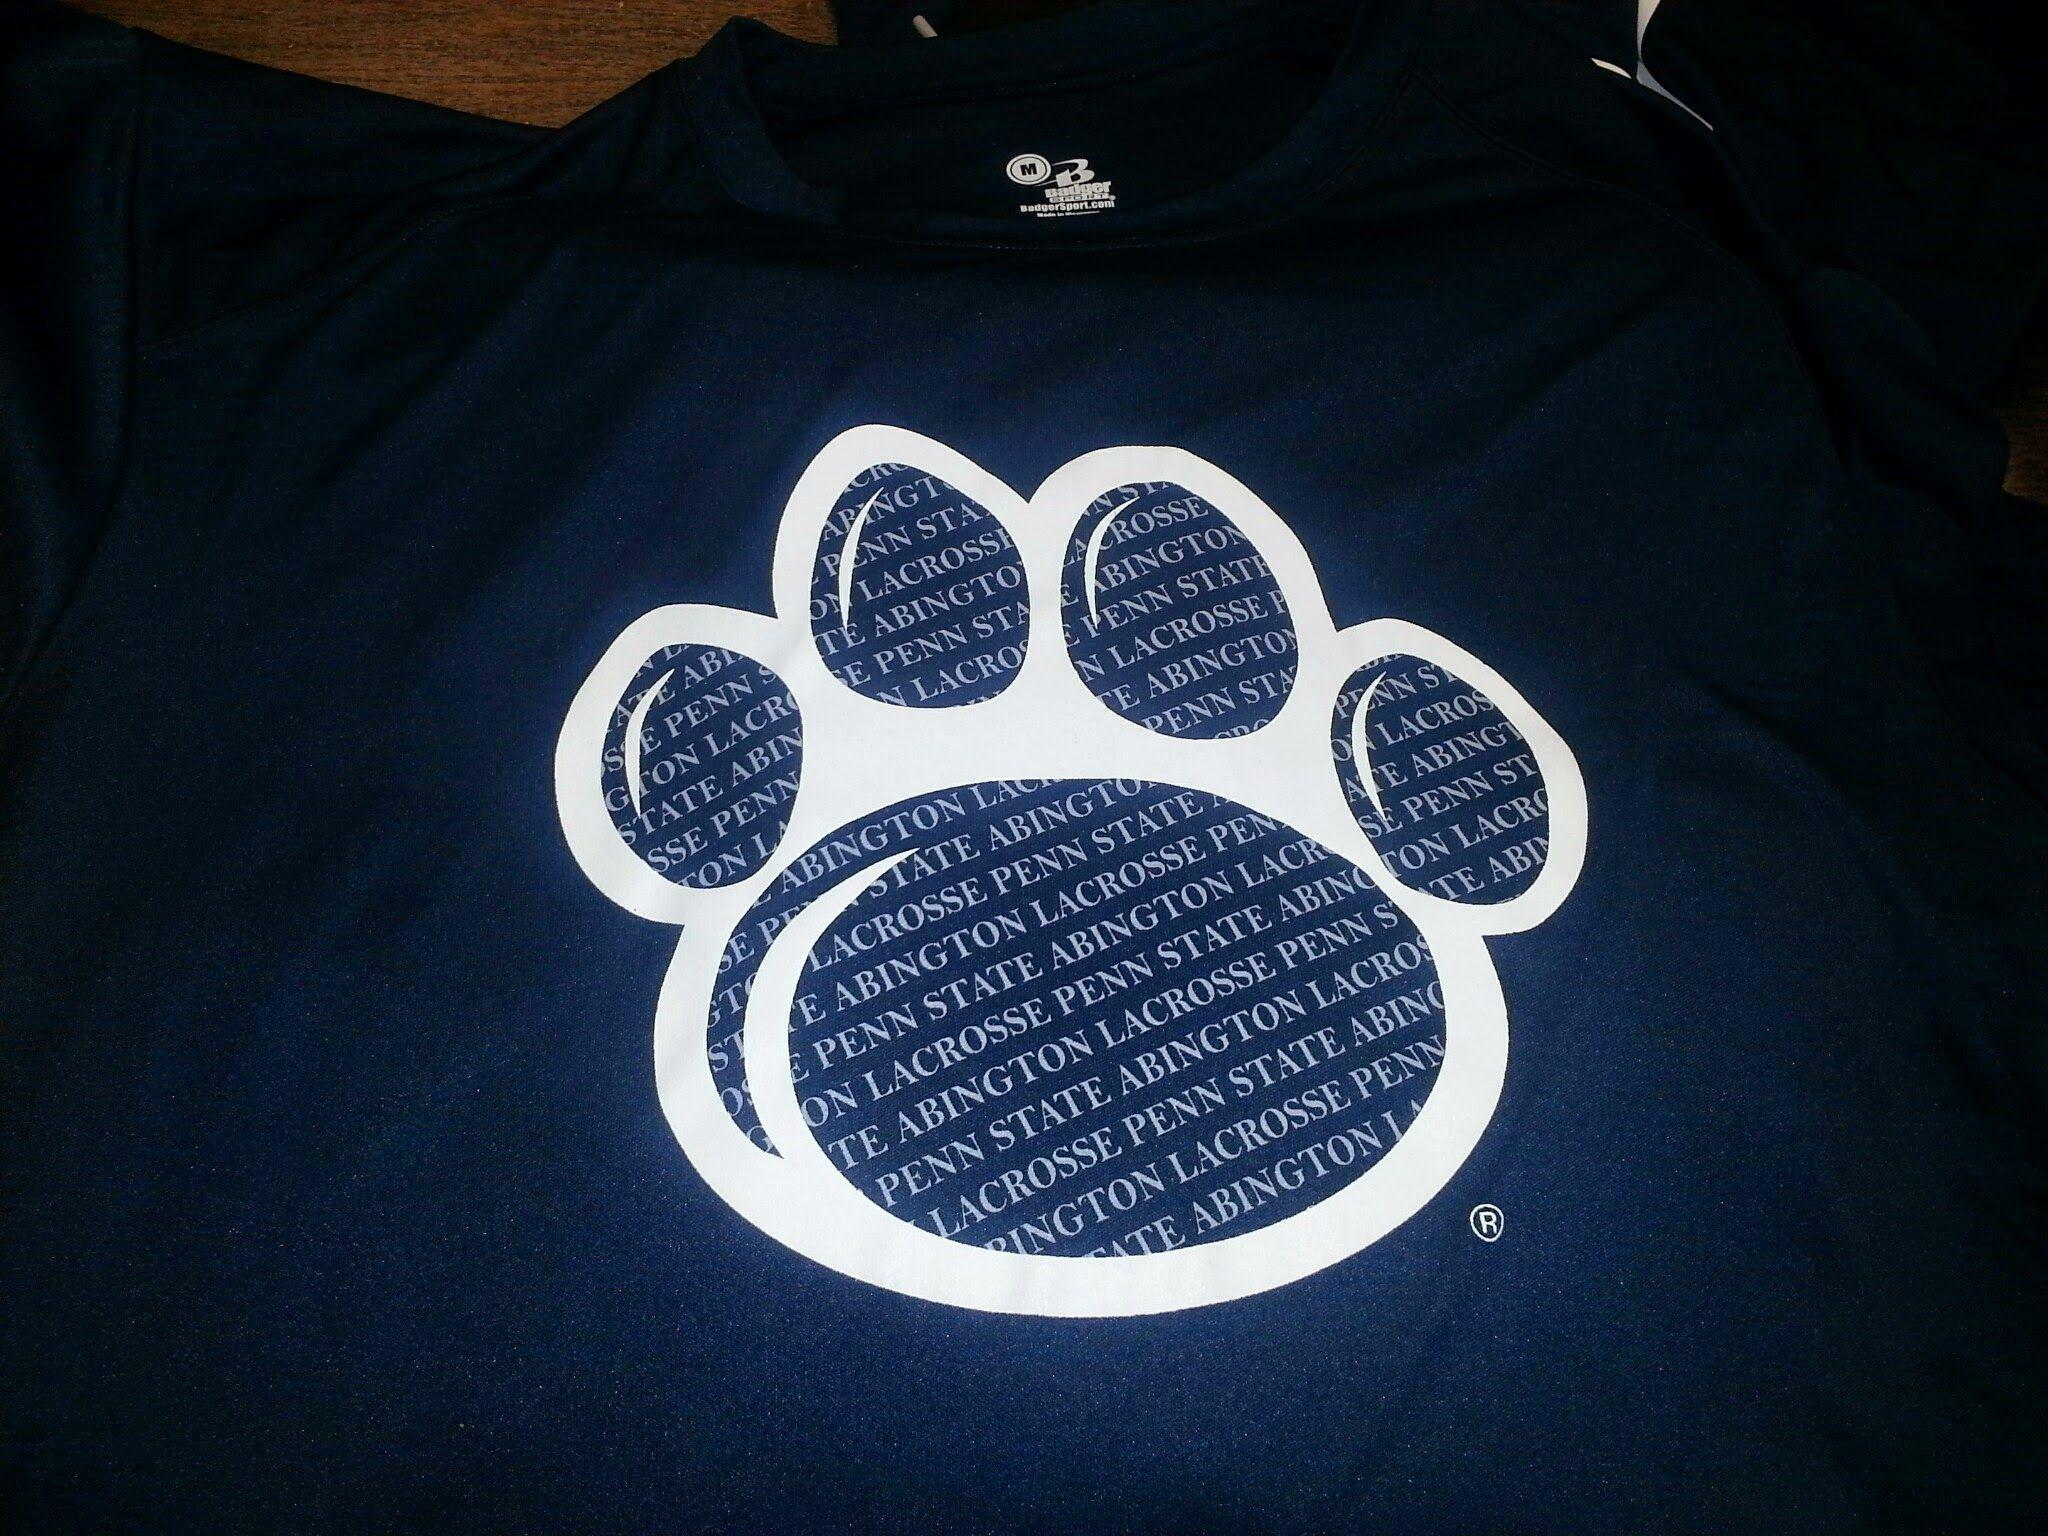 Penn State Abington paw print logo Penn state, Print